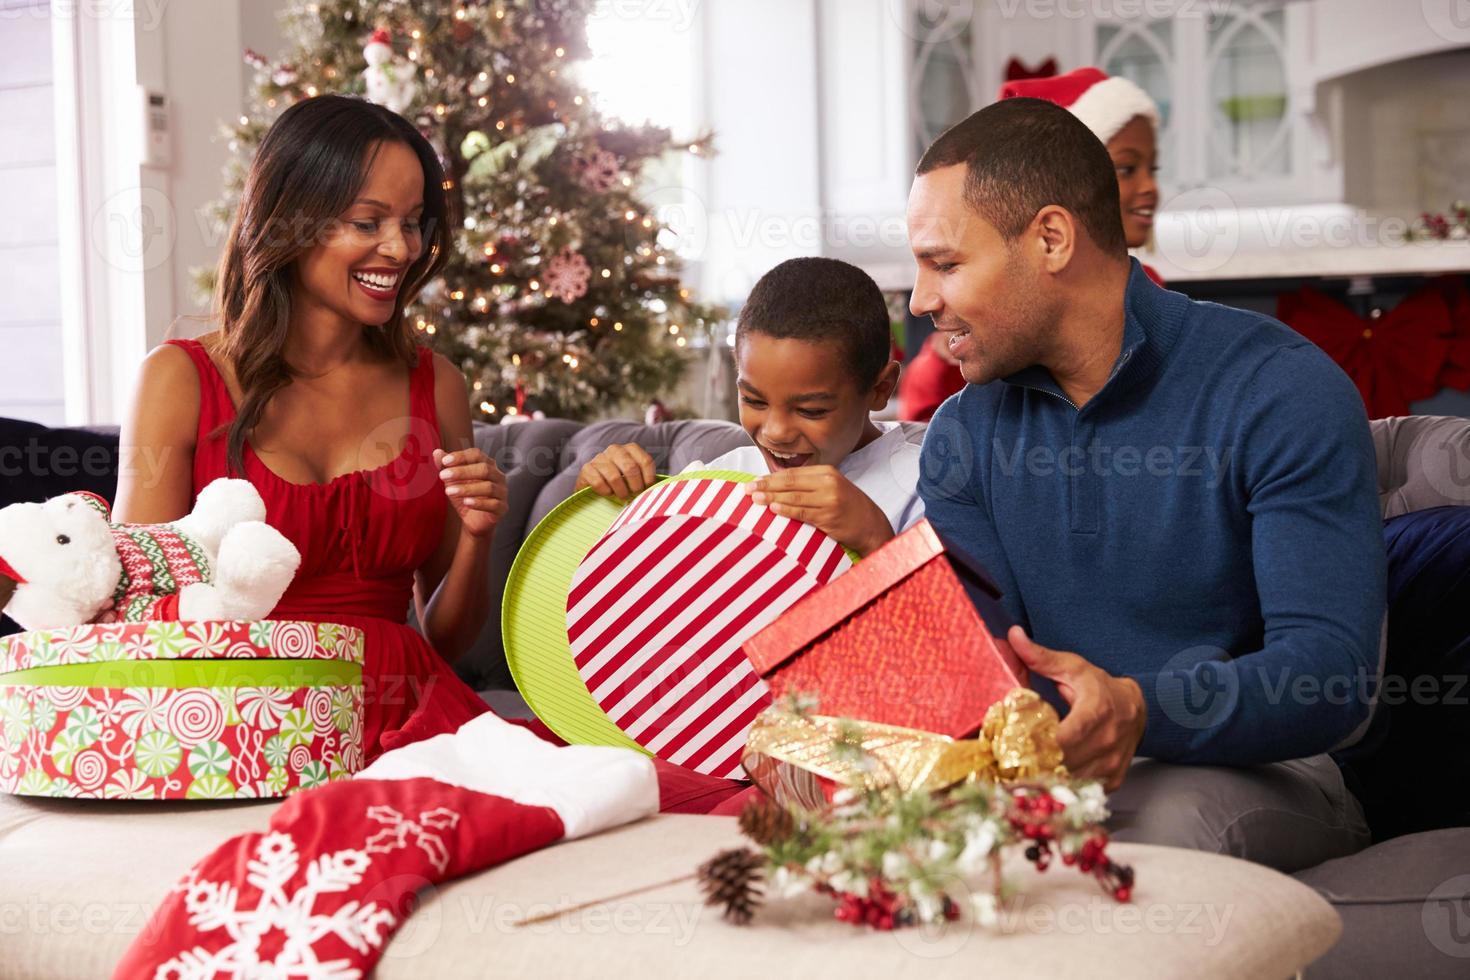 apertura familiare regali di Natale a casa insieme foto